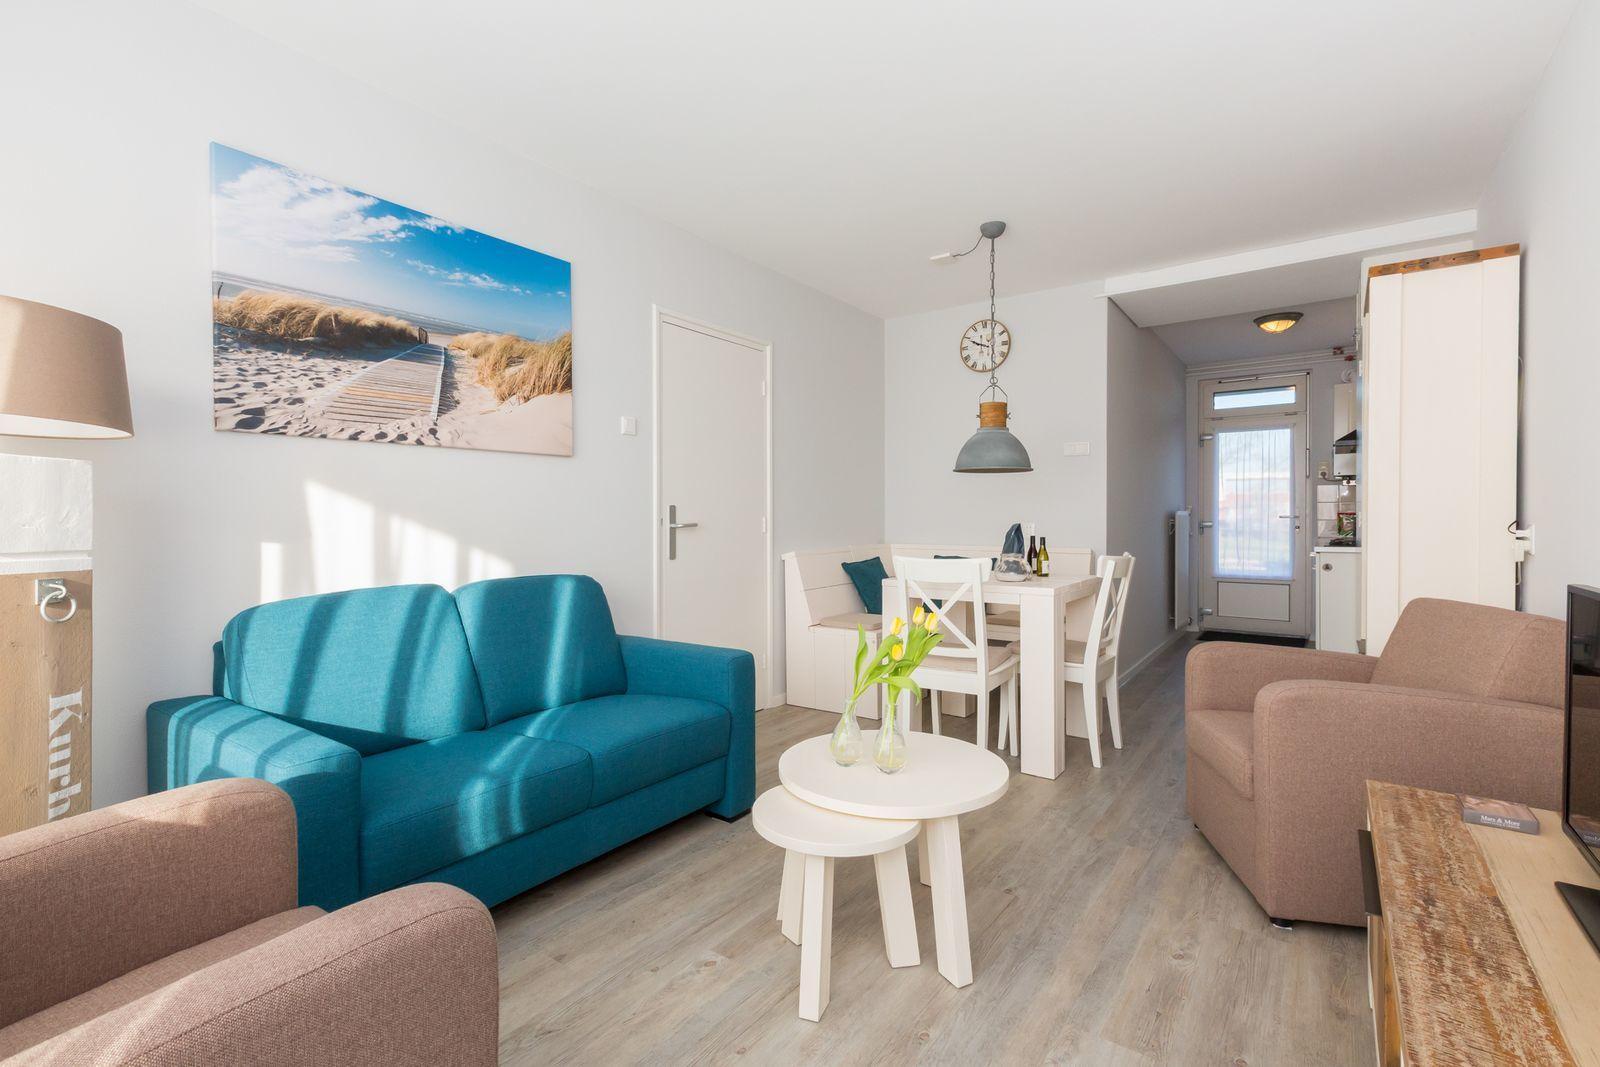 Ferienhaus für 4 Personen ca 45 m² in Zoutelande Zeeland Küste von Zeeland